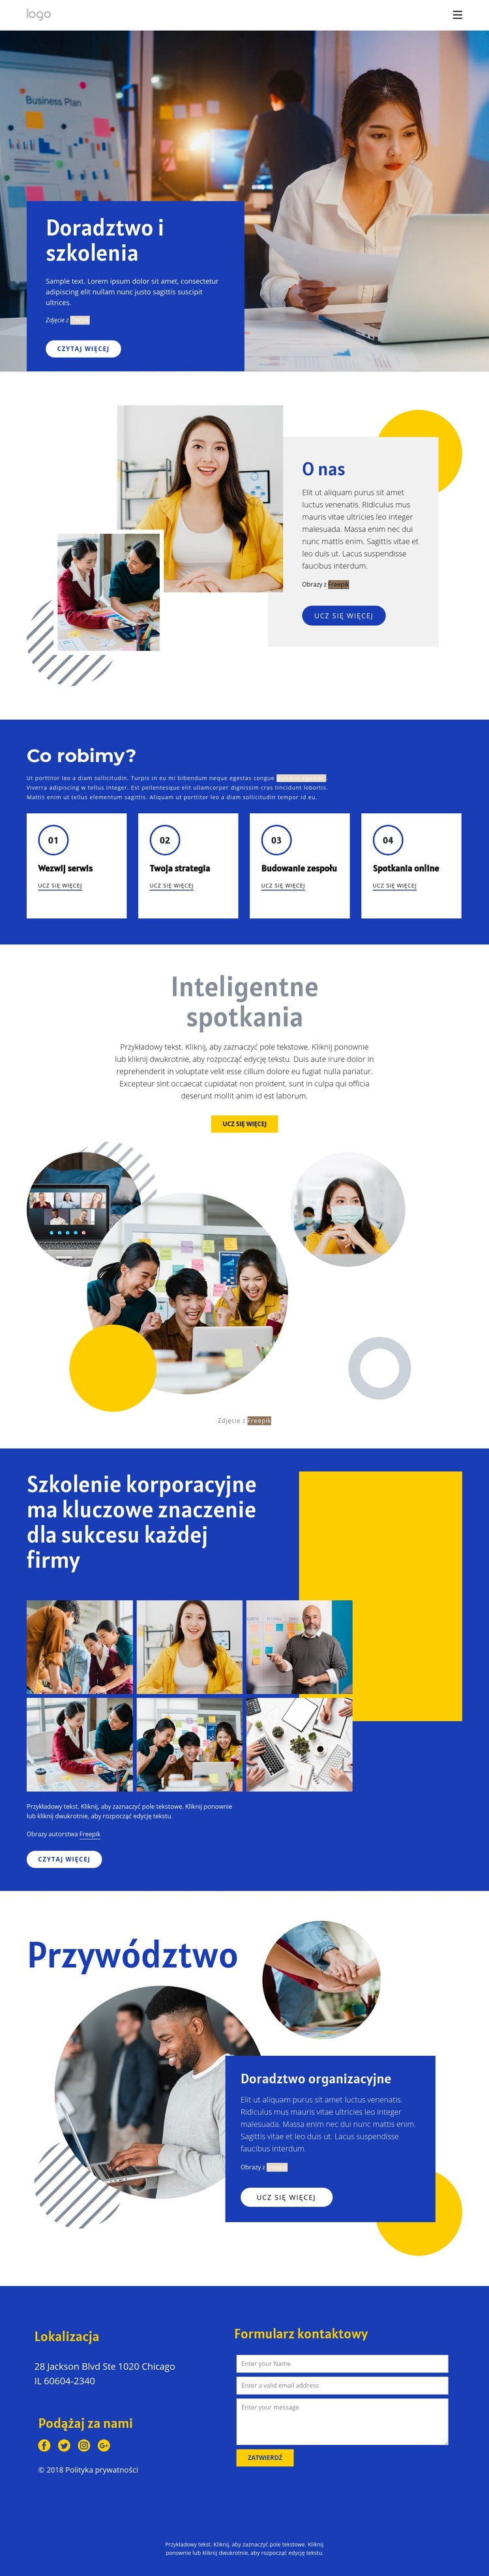 Doradztwo i szkolenia Szablon witryny sieci Web